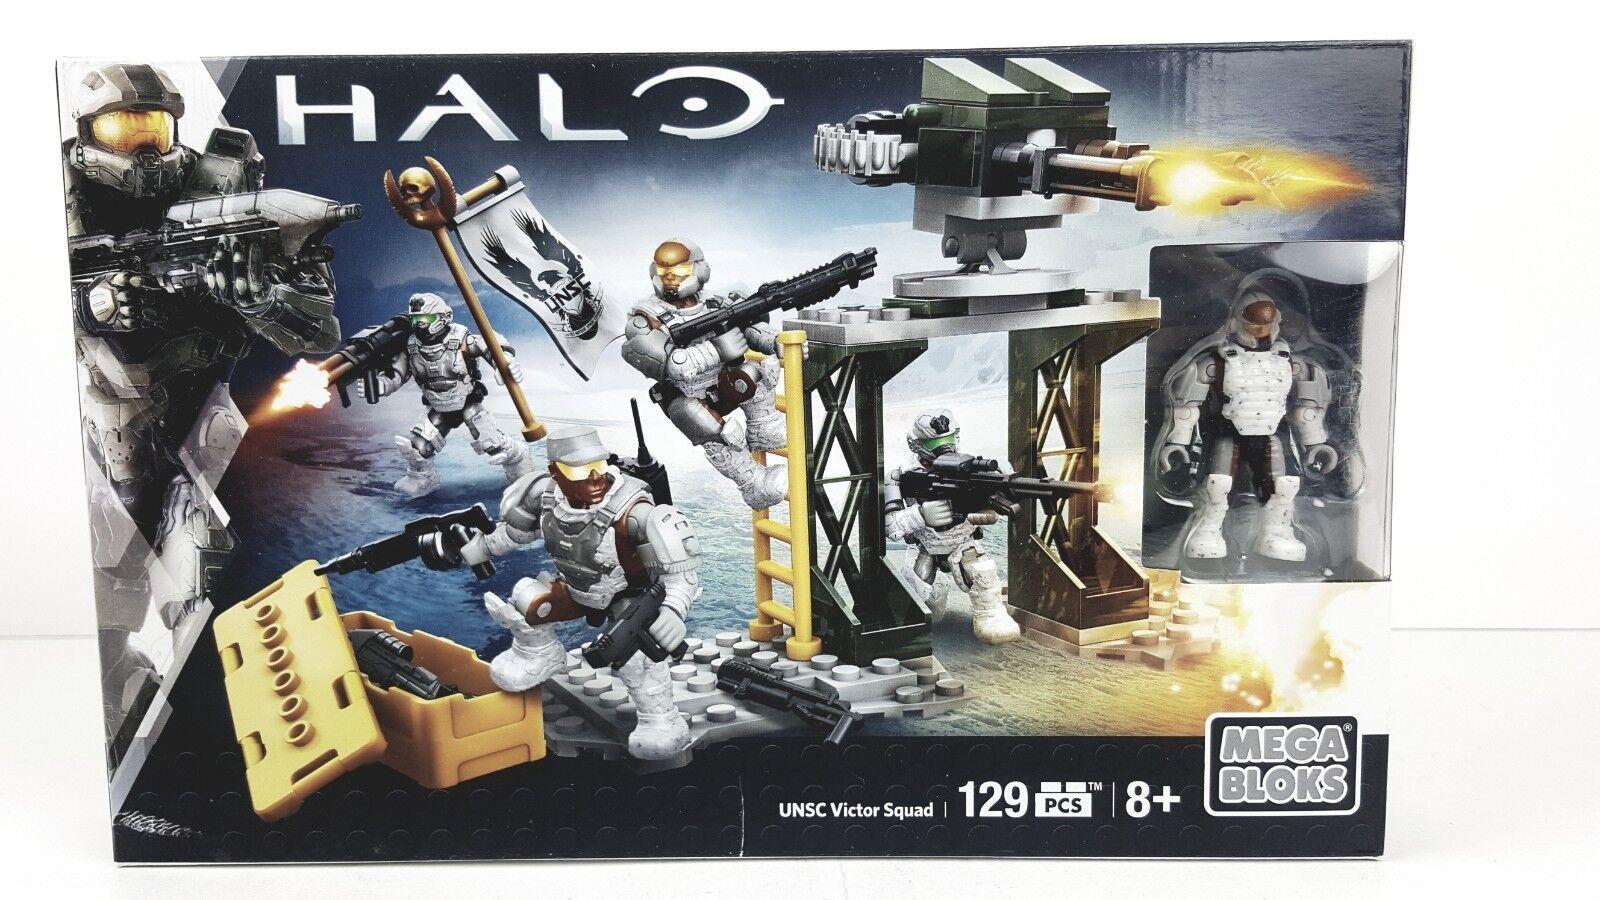 Mega Bloks Halo UNSC Victor Squad 129 Pcs NEW